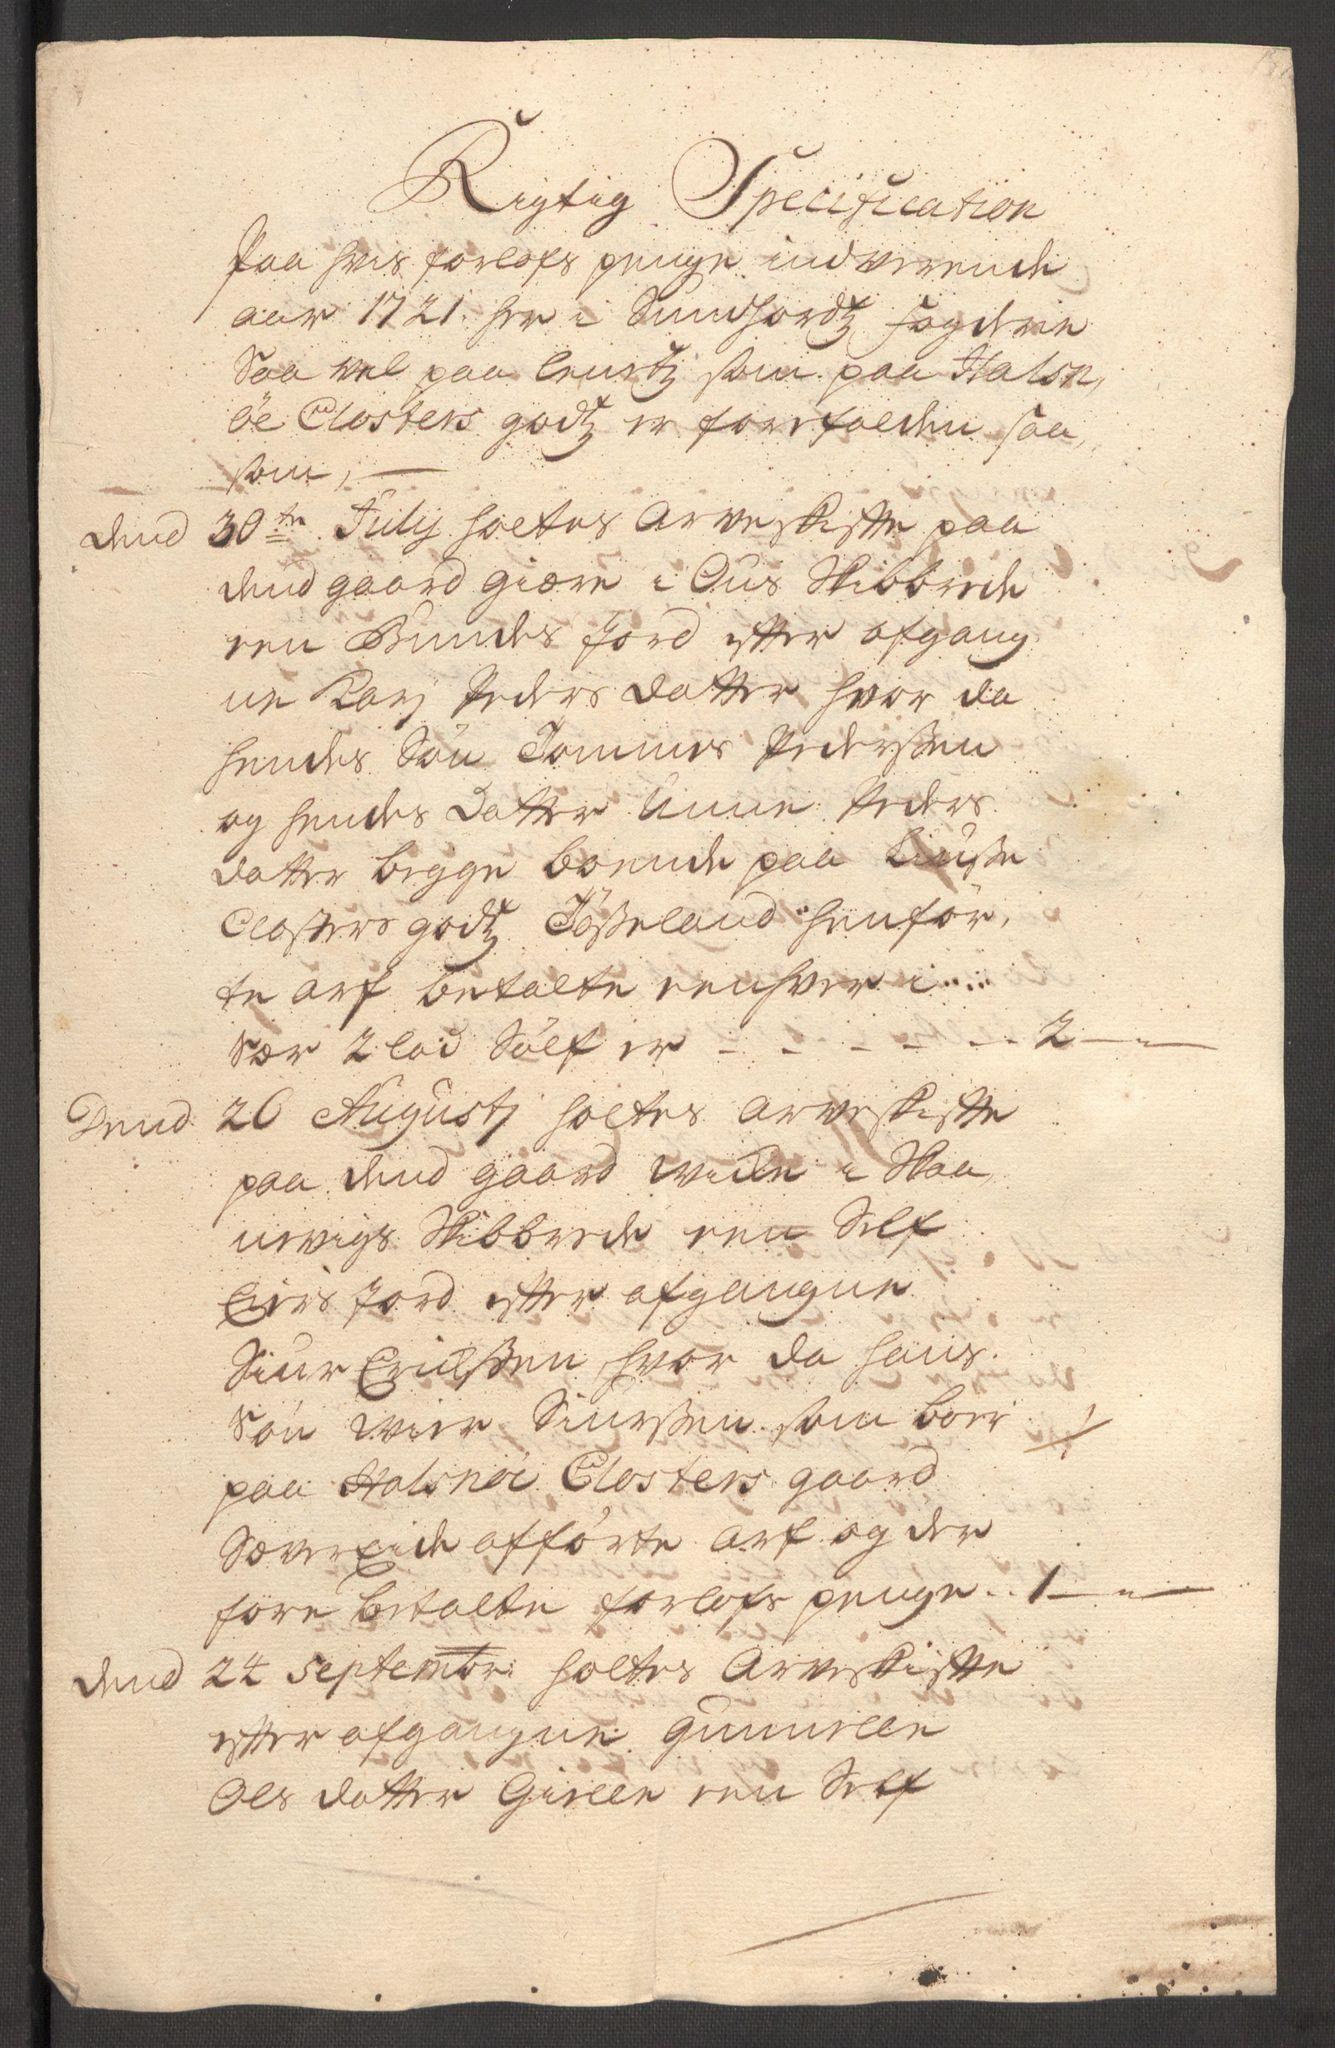 RA, Rentekammeret inntil 1814, Reviderte regnskaper, Fogderegnskap, R48/L3000: Fogderegnskap Sunnhordland og Hardanger, 1721, s. 145